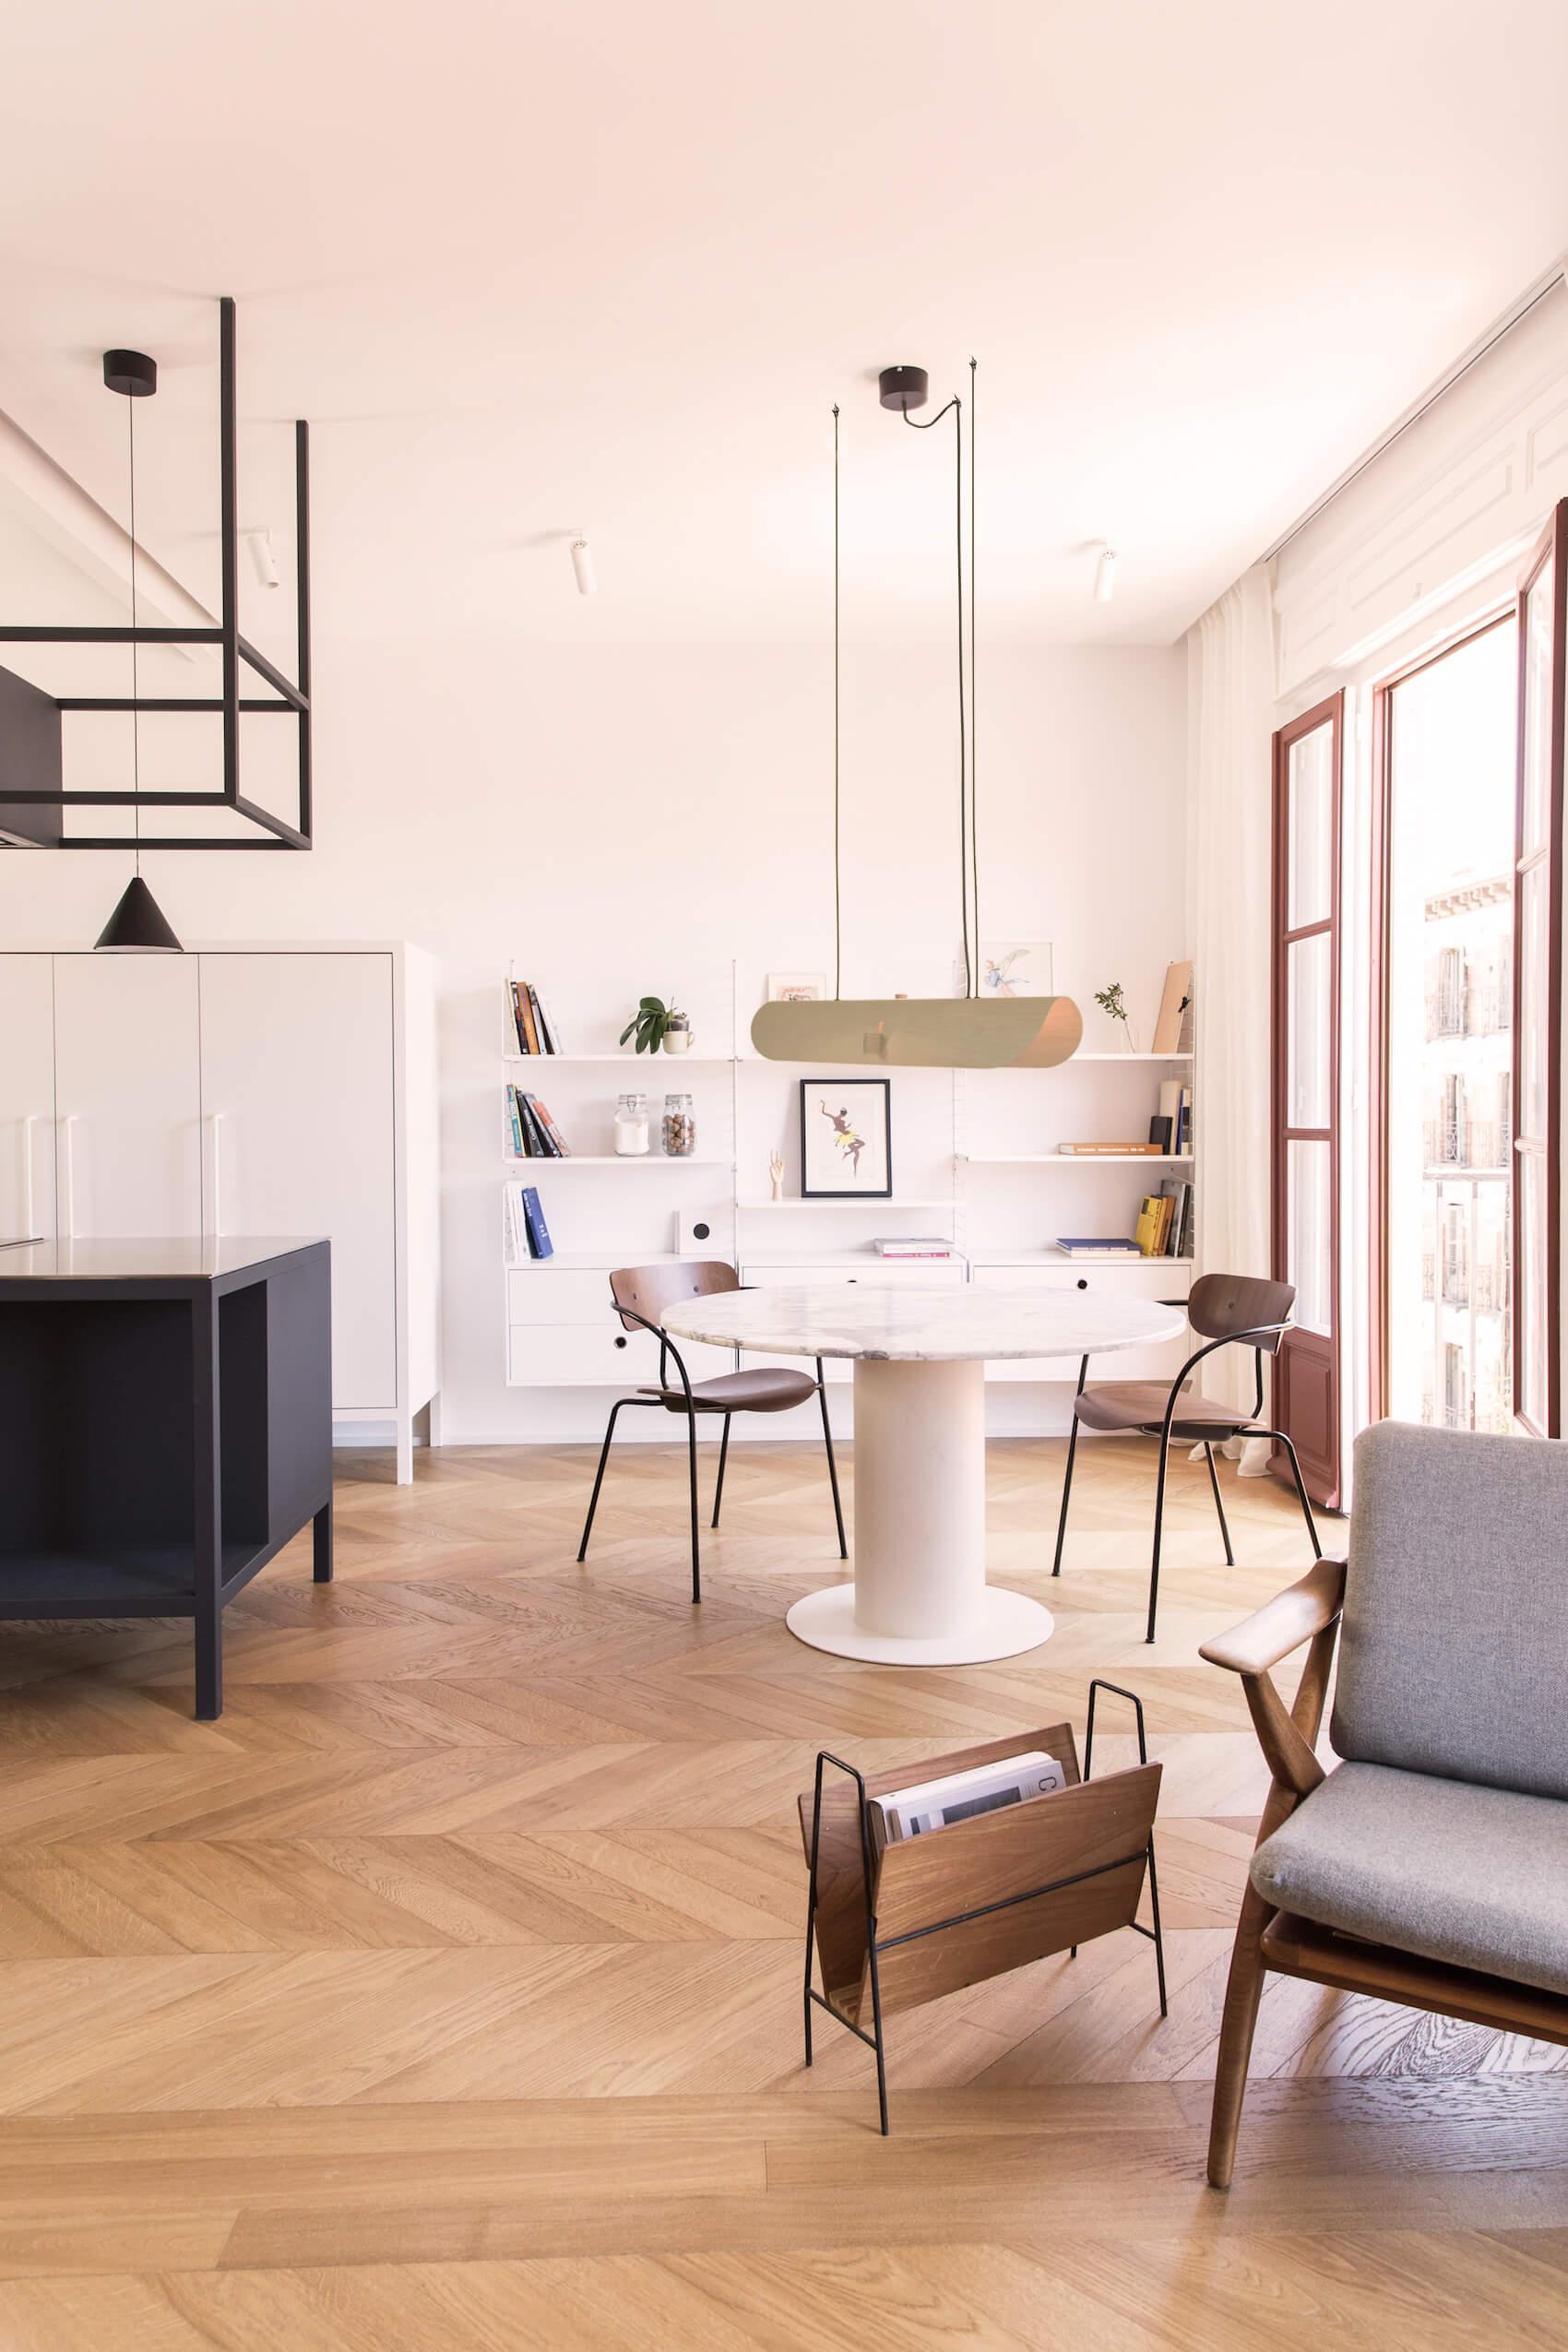 tafel met twee stoelen in een lichte ruimte